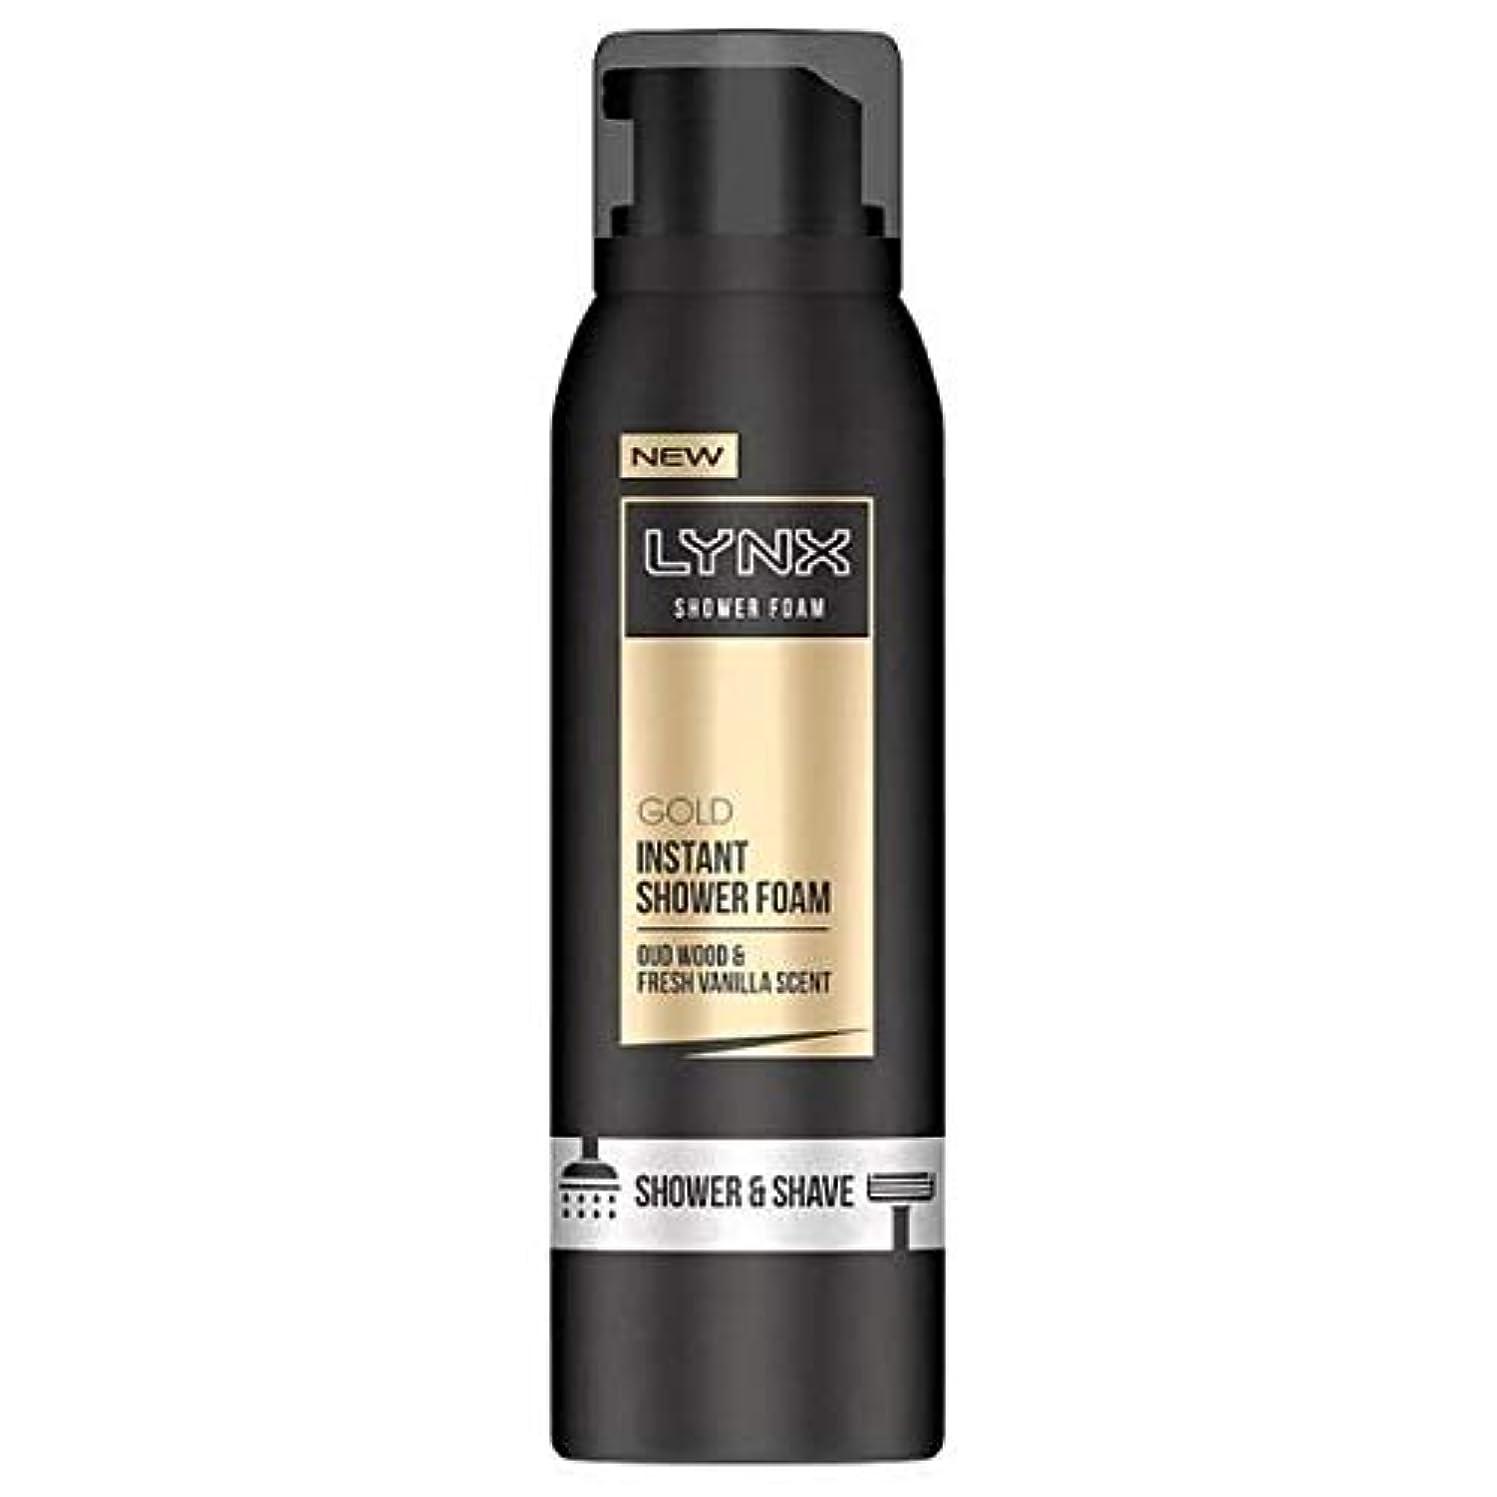 執着情熱的スプレー[Lynx ] オオヤマネコウードウッド&バニラの香りのシャワー&泡200ミリリットルを剃ります - Lynx Oud Wood & Vanilla Scent Shower & Shave Foam 200ml [並行輸入品]